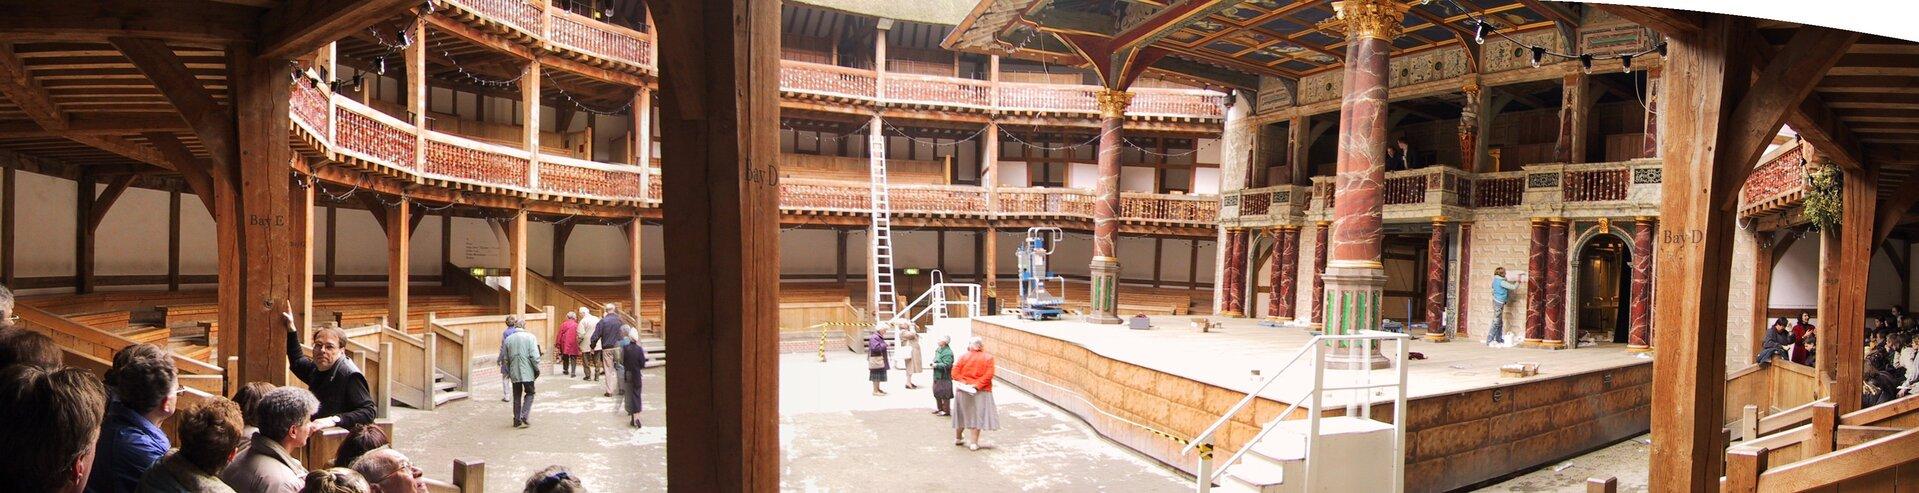 na zdjęciu przedstawiona zostałaPanorama Teatru Globe wLondynie